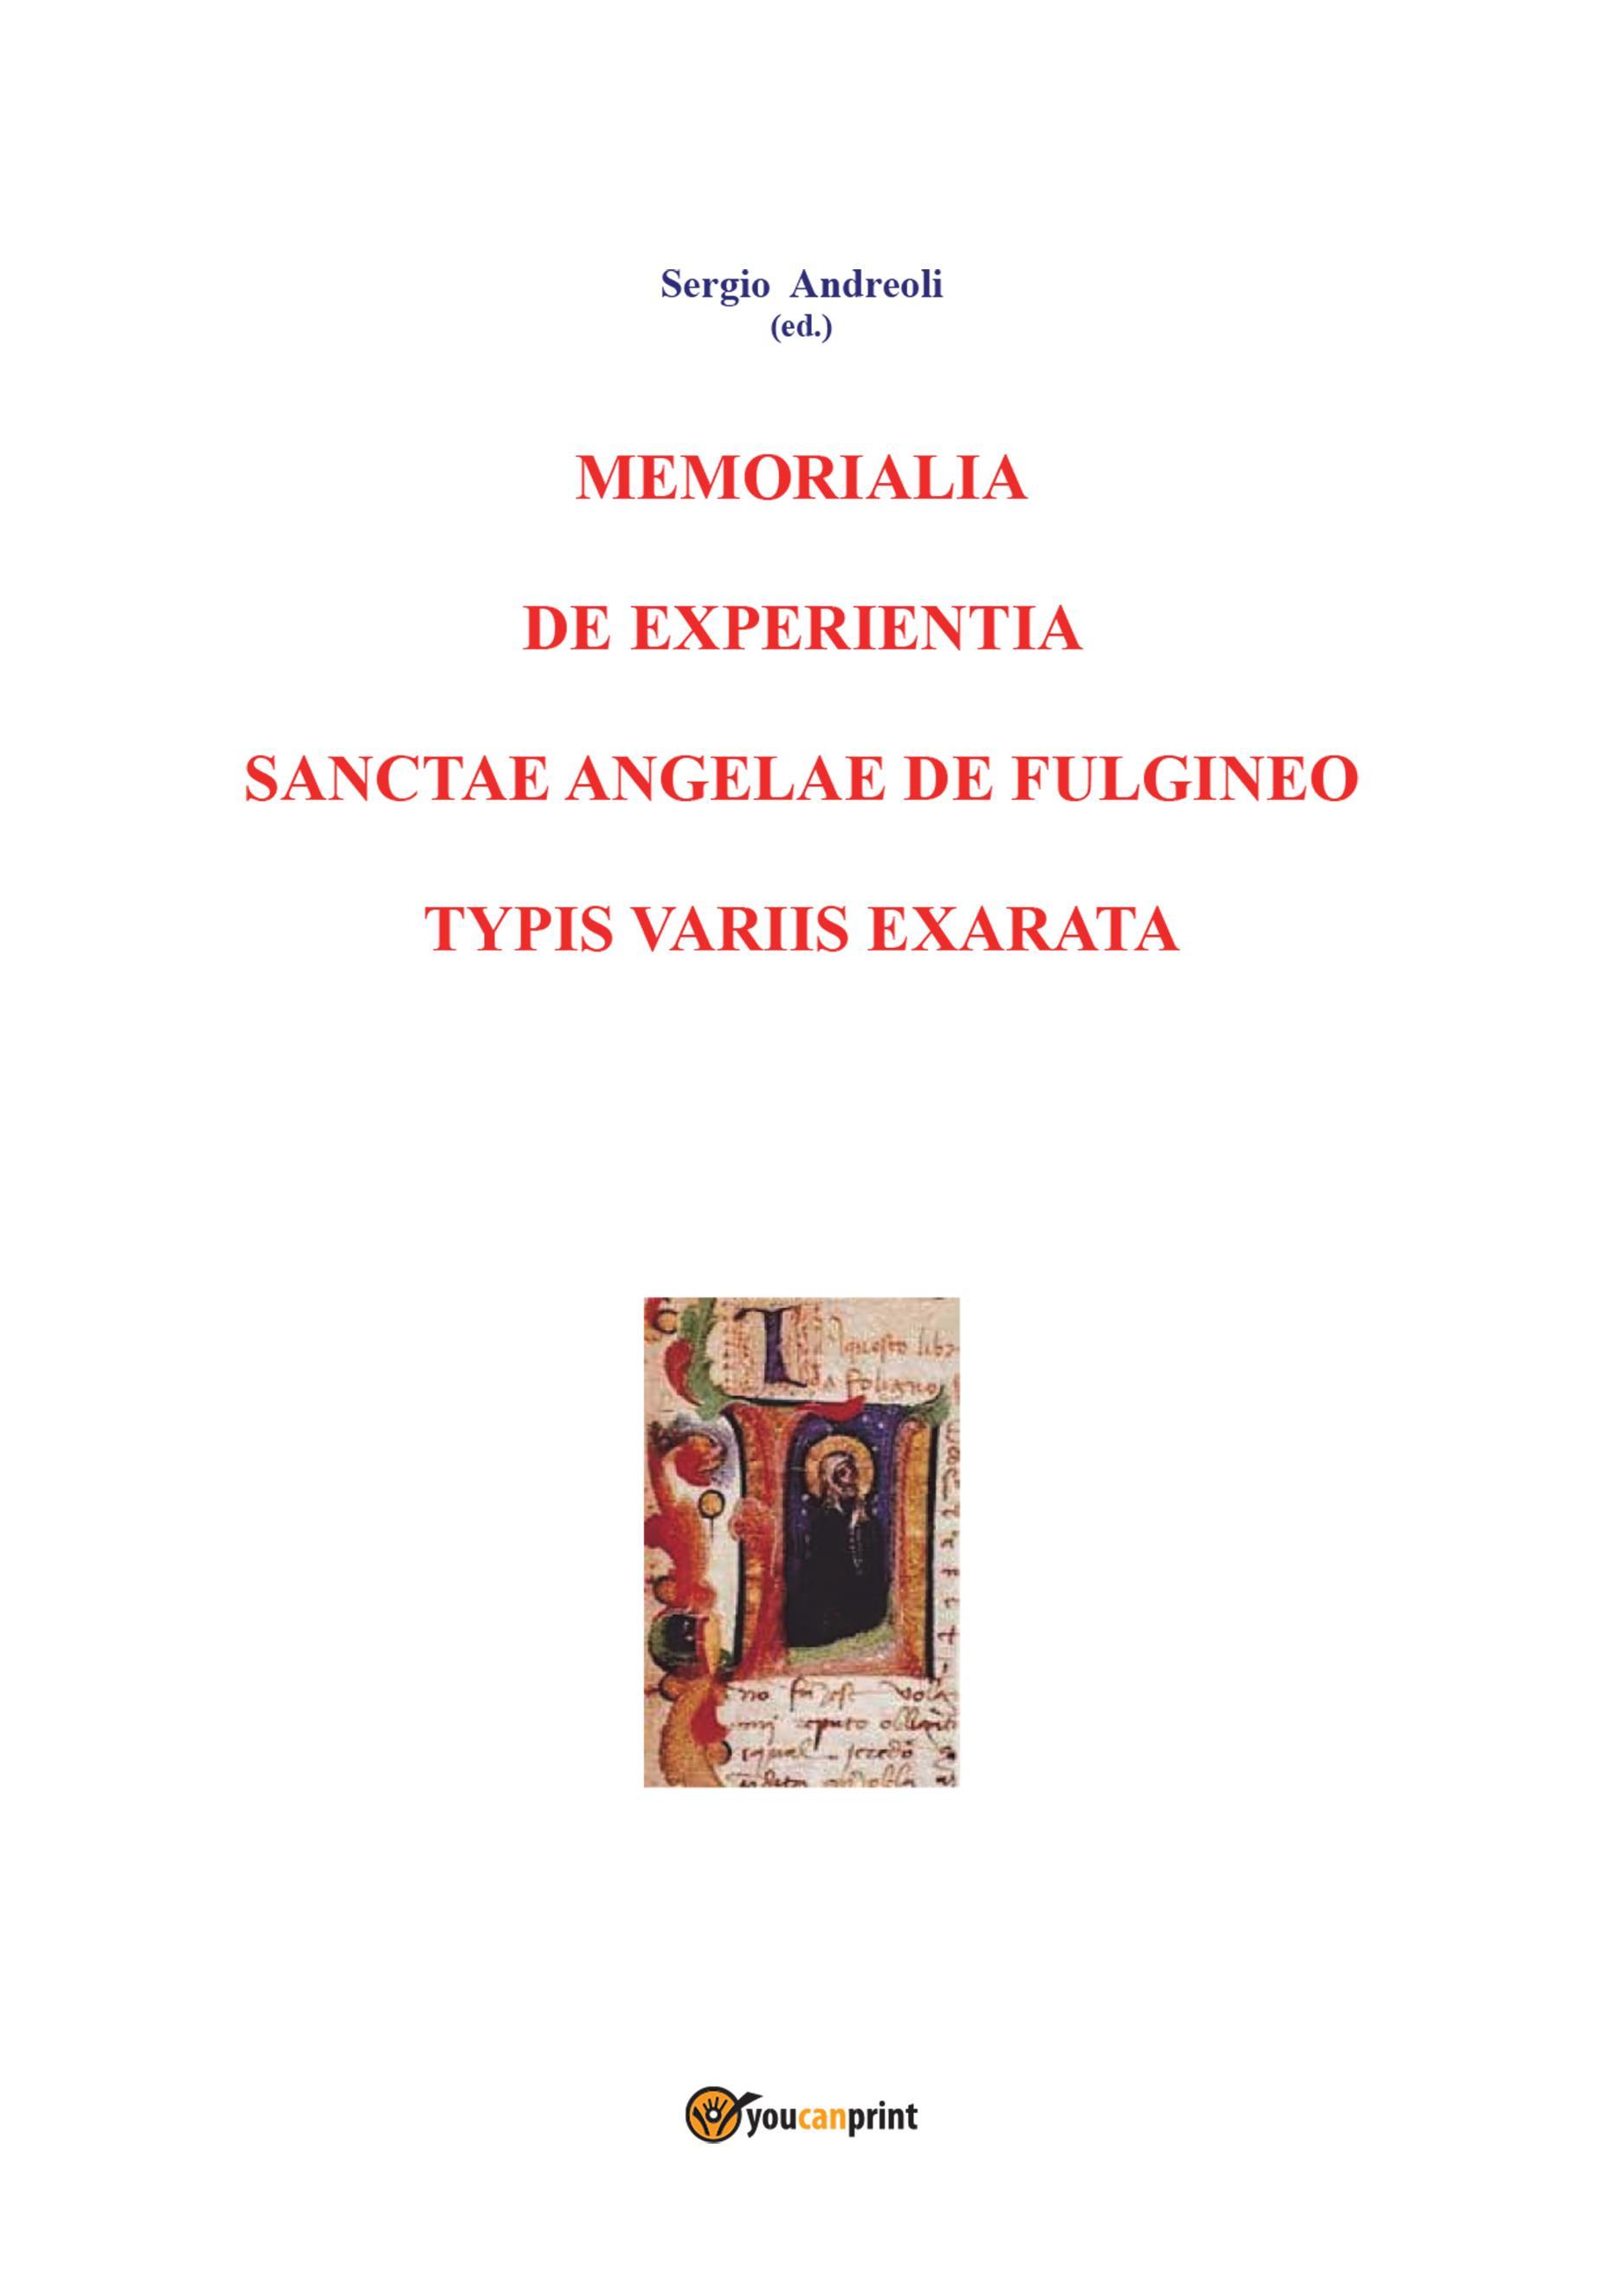 Memorialia de experientia sanctae Angelae de Fulgineo typis variis exarata